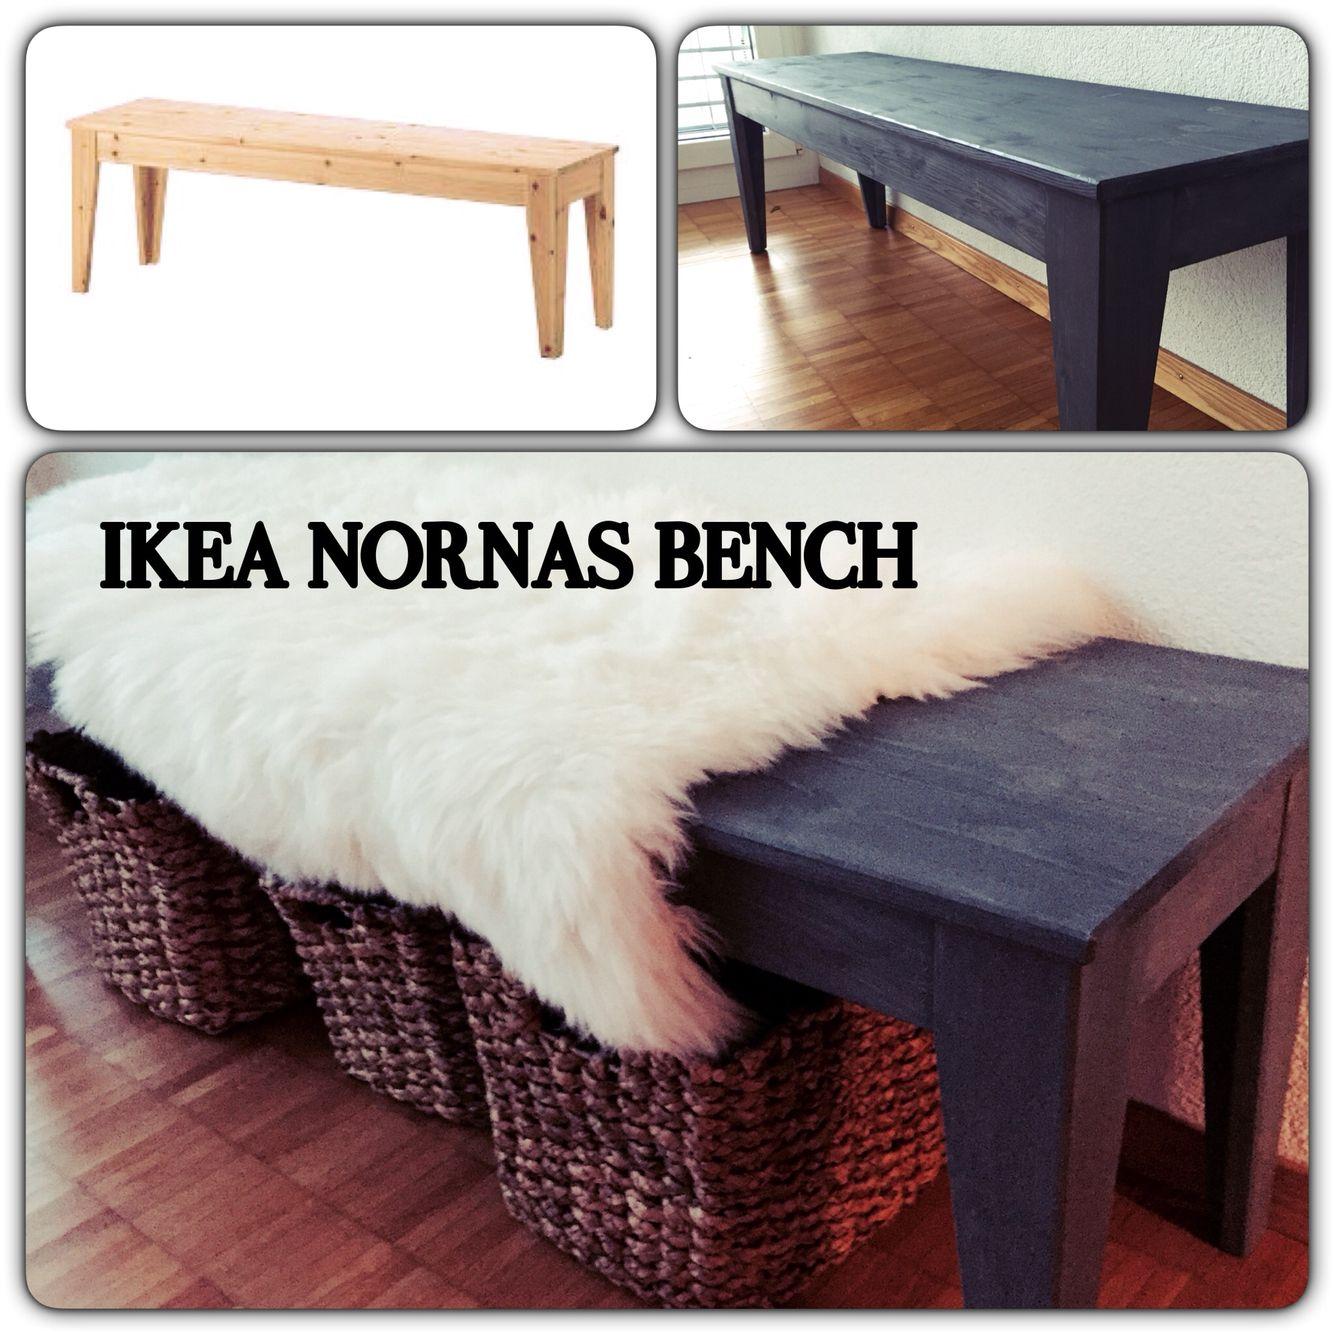 Ikea Hack Entryway Bench: Ikea Nornas Bench Ikea Hack